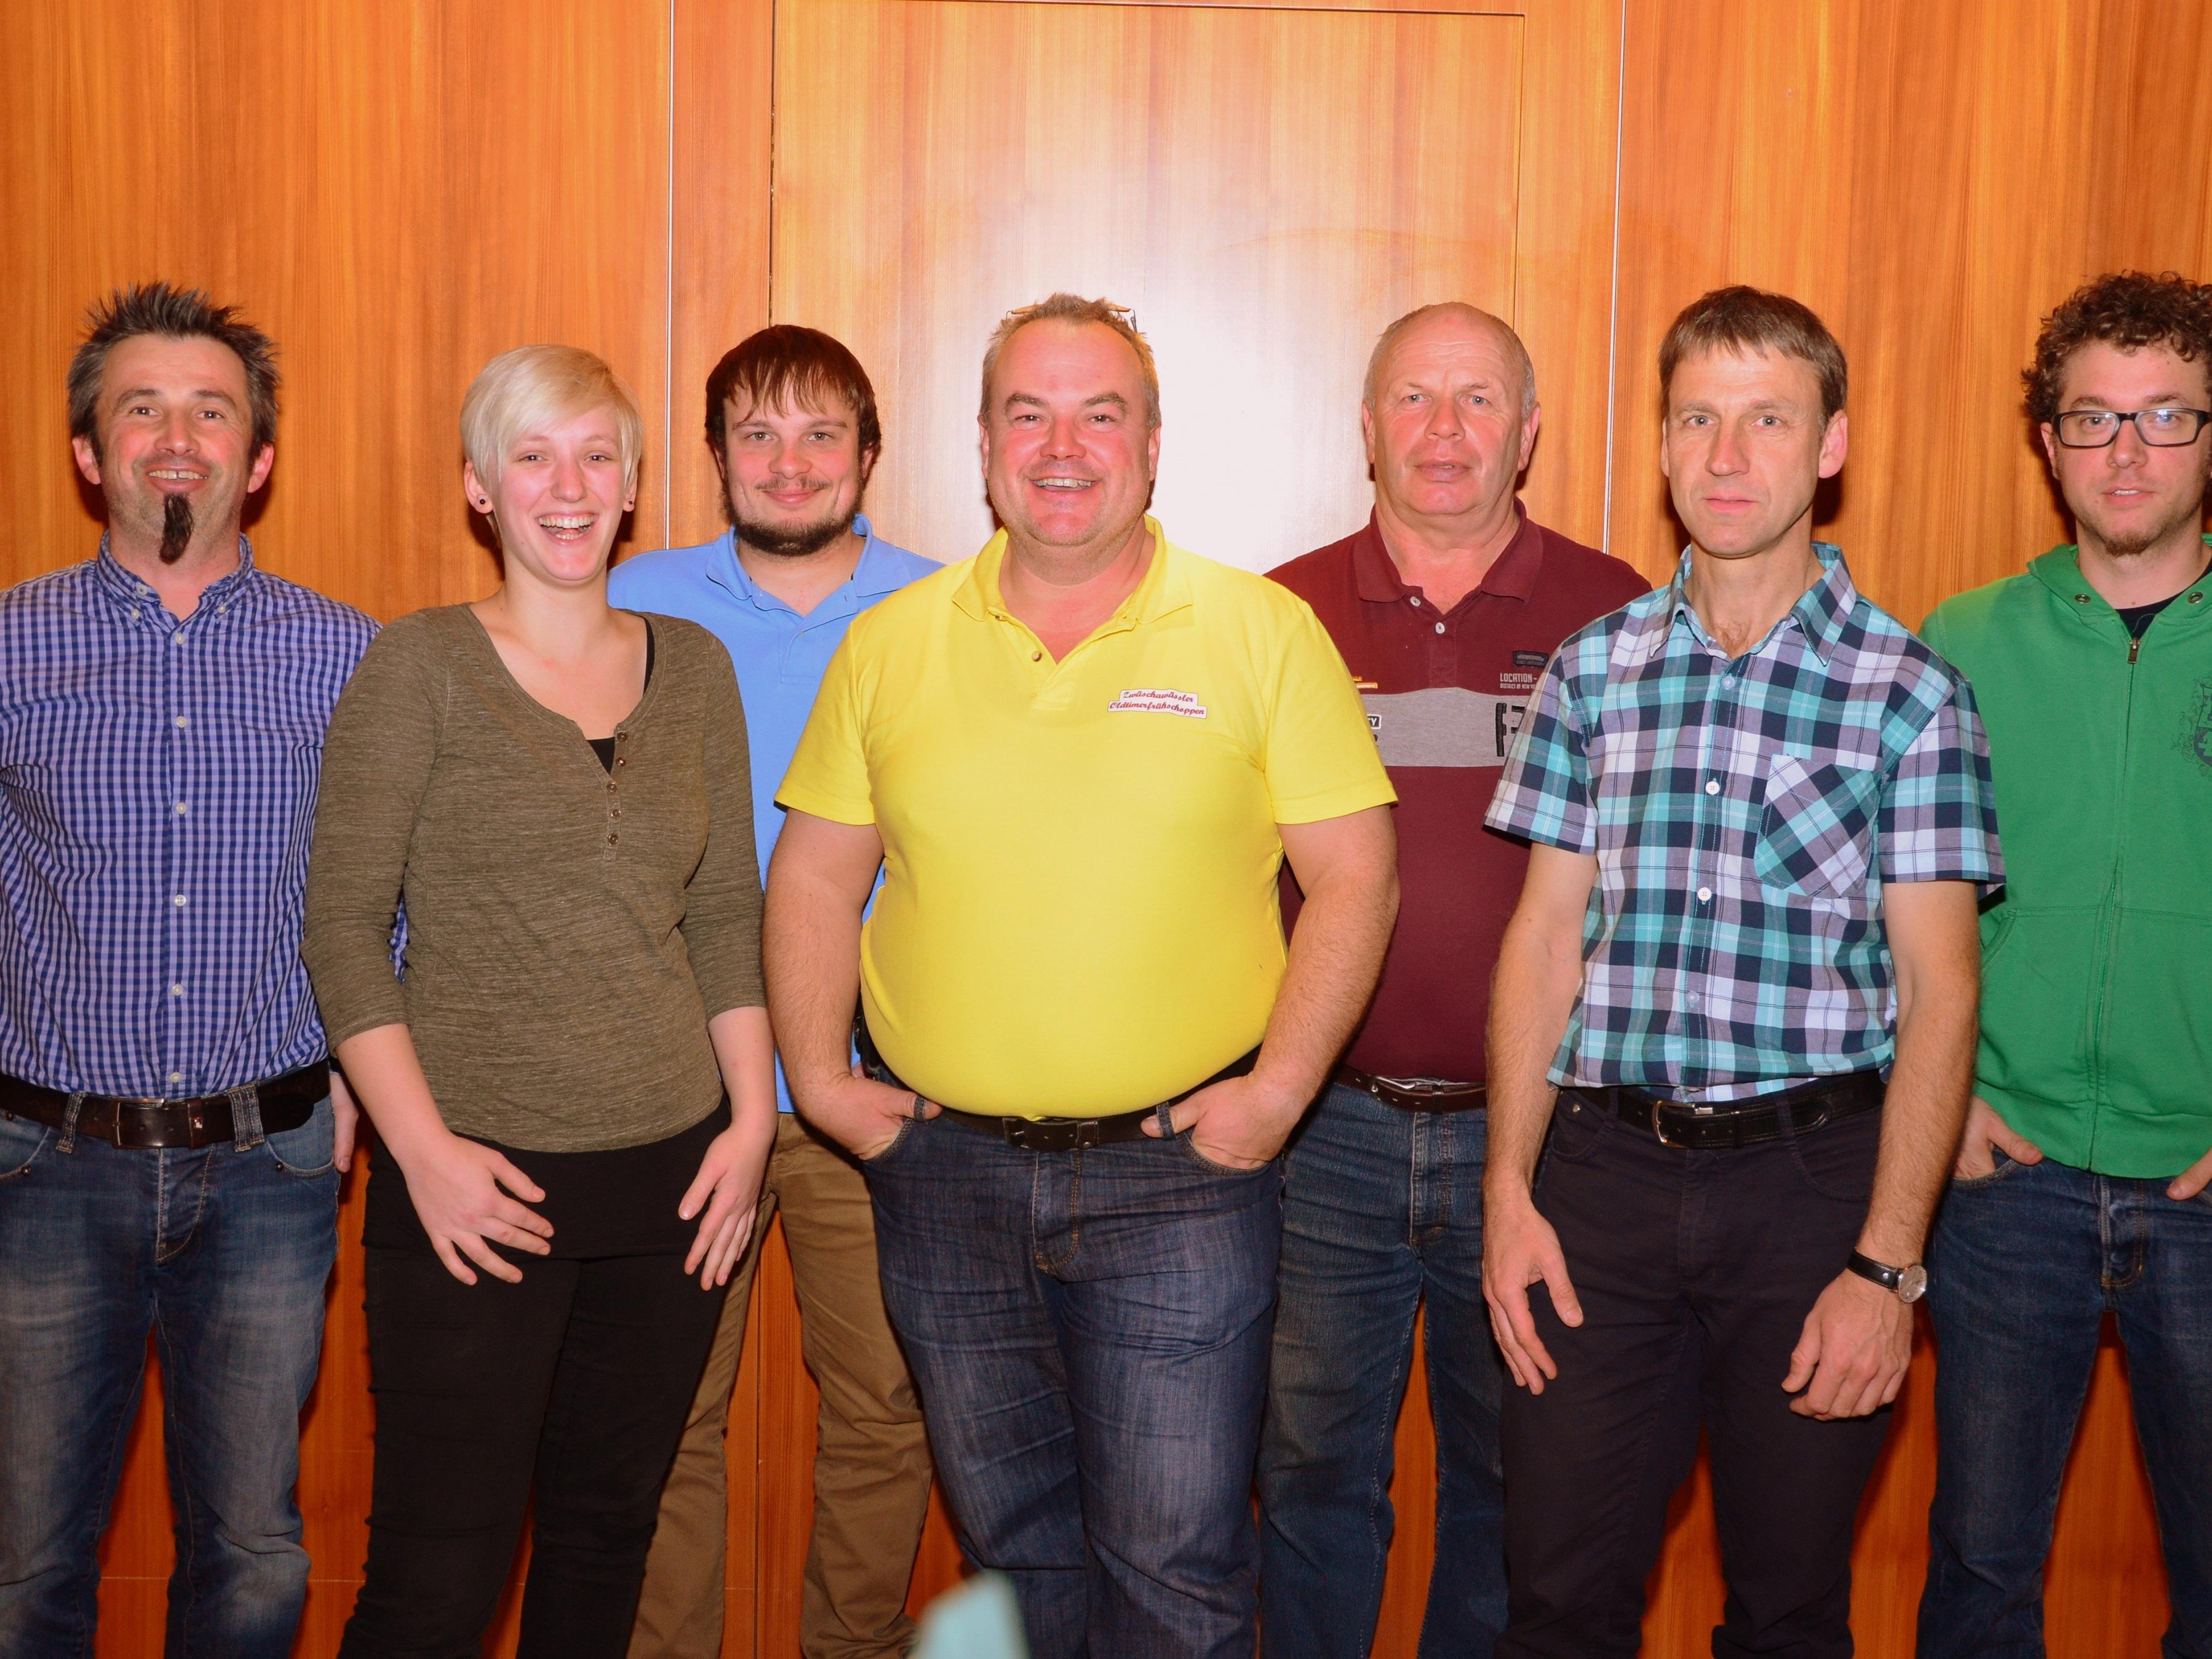 Vorstand - von links nach rechts - Jürgen Bachmann, Sabrina Koch, Alexander Röthlin, Johannes Welte, Norbert Bechtold, Helmut Lampeitl, Daniel Bachmann